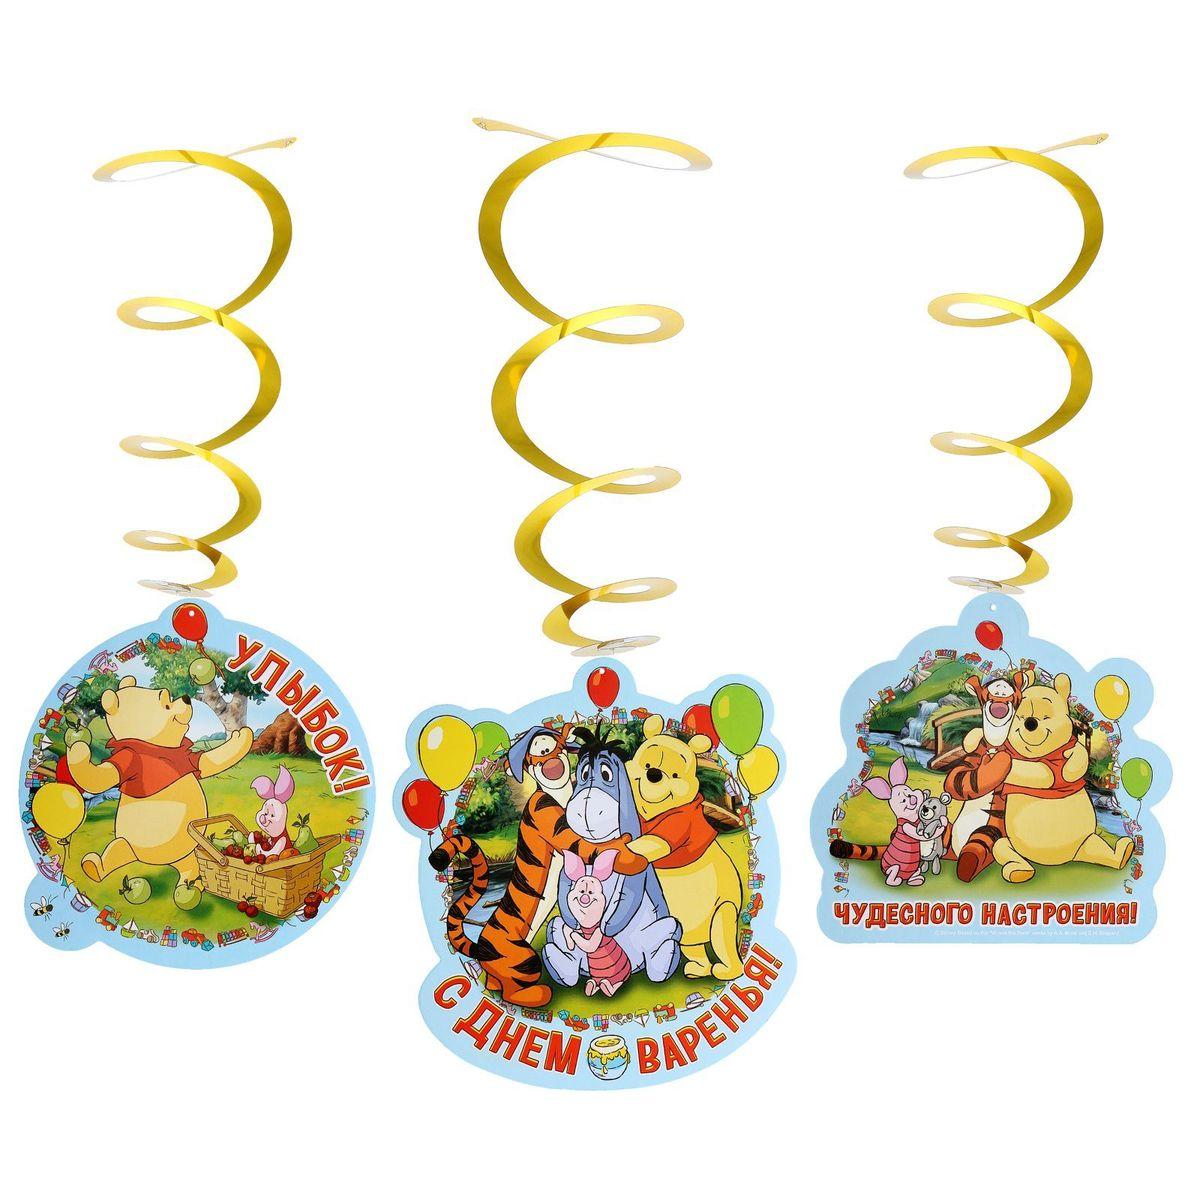 Disney Гирлянда детская Подвески спиральные С Днем Варенья Медвежонок Винни